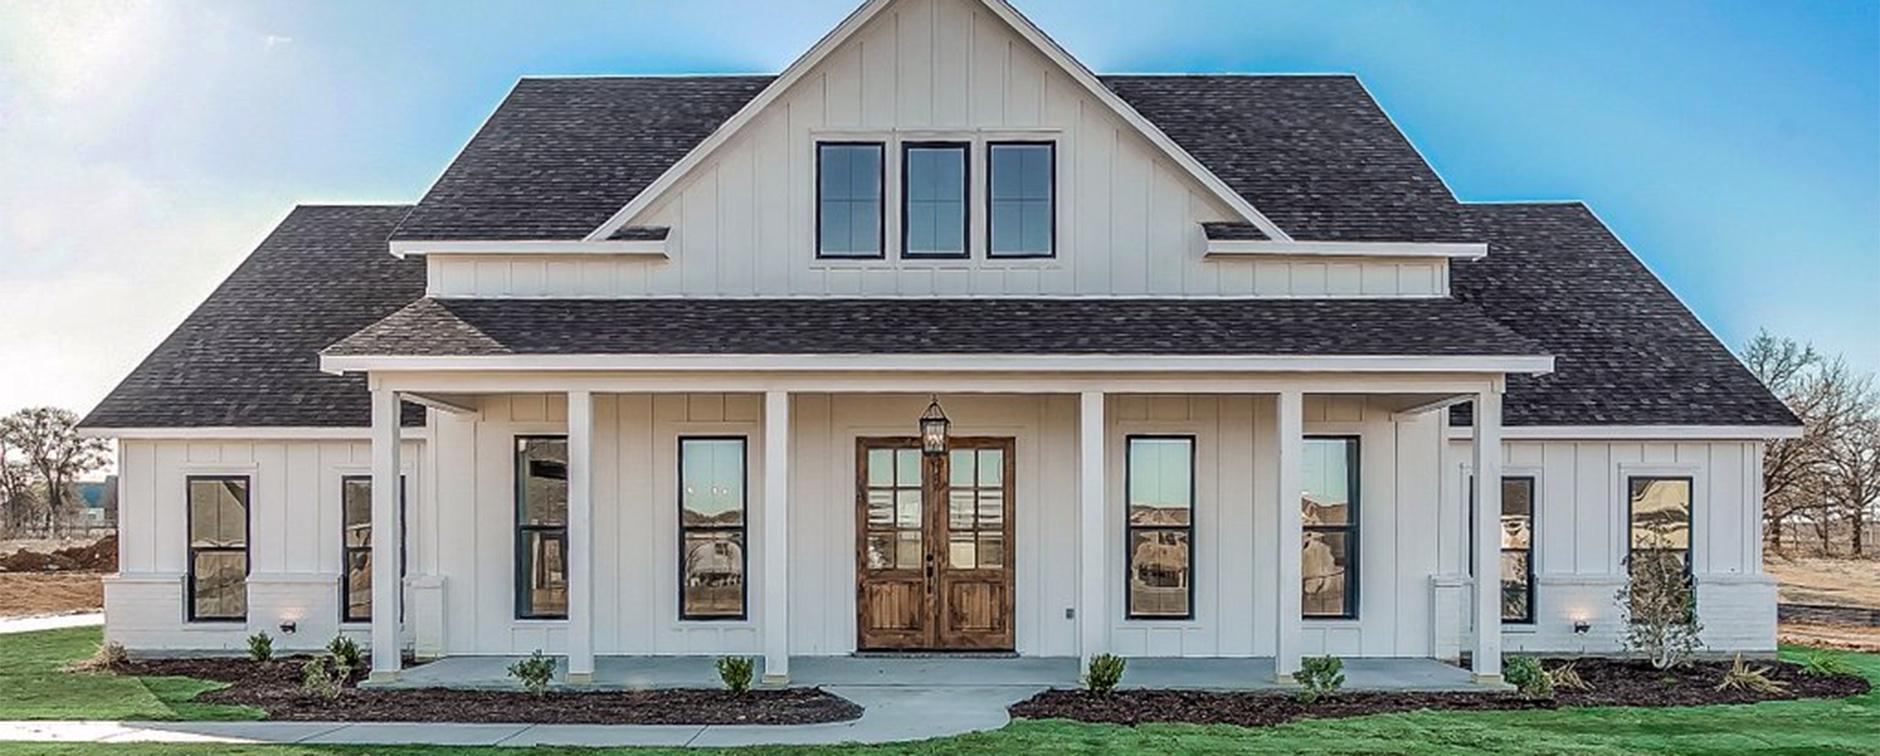 Browse Farmhouse Plans